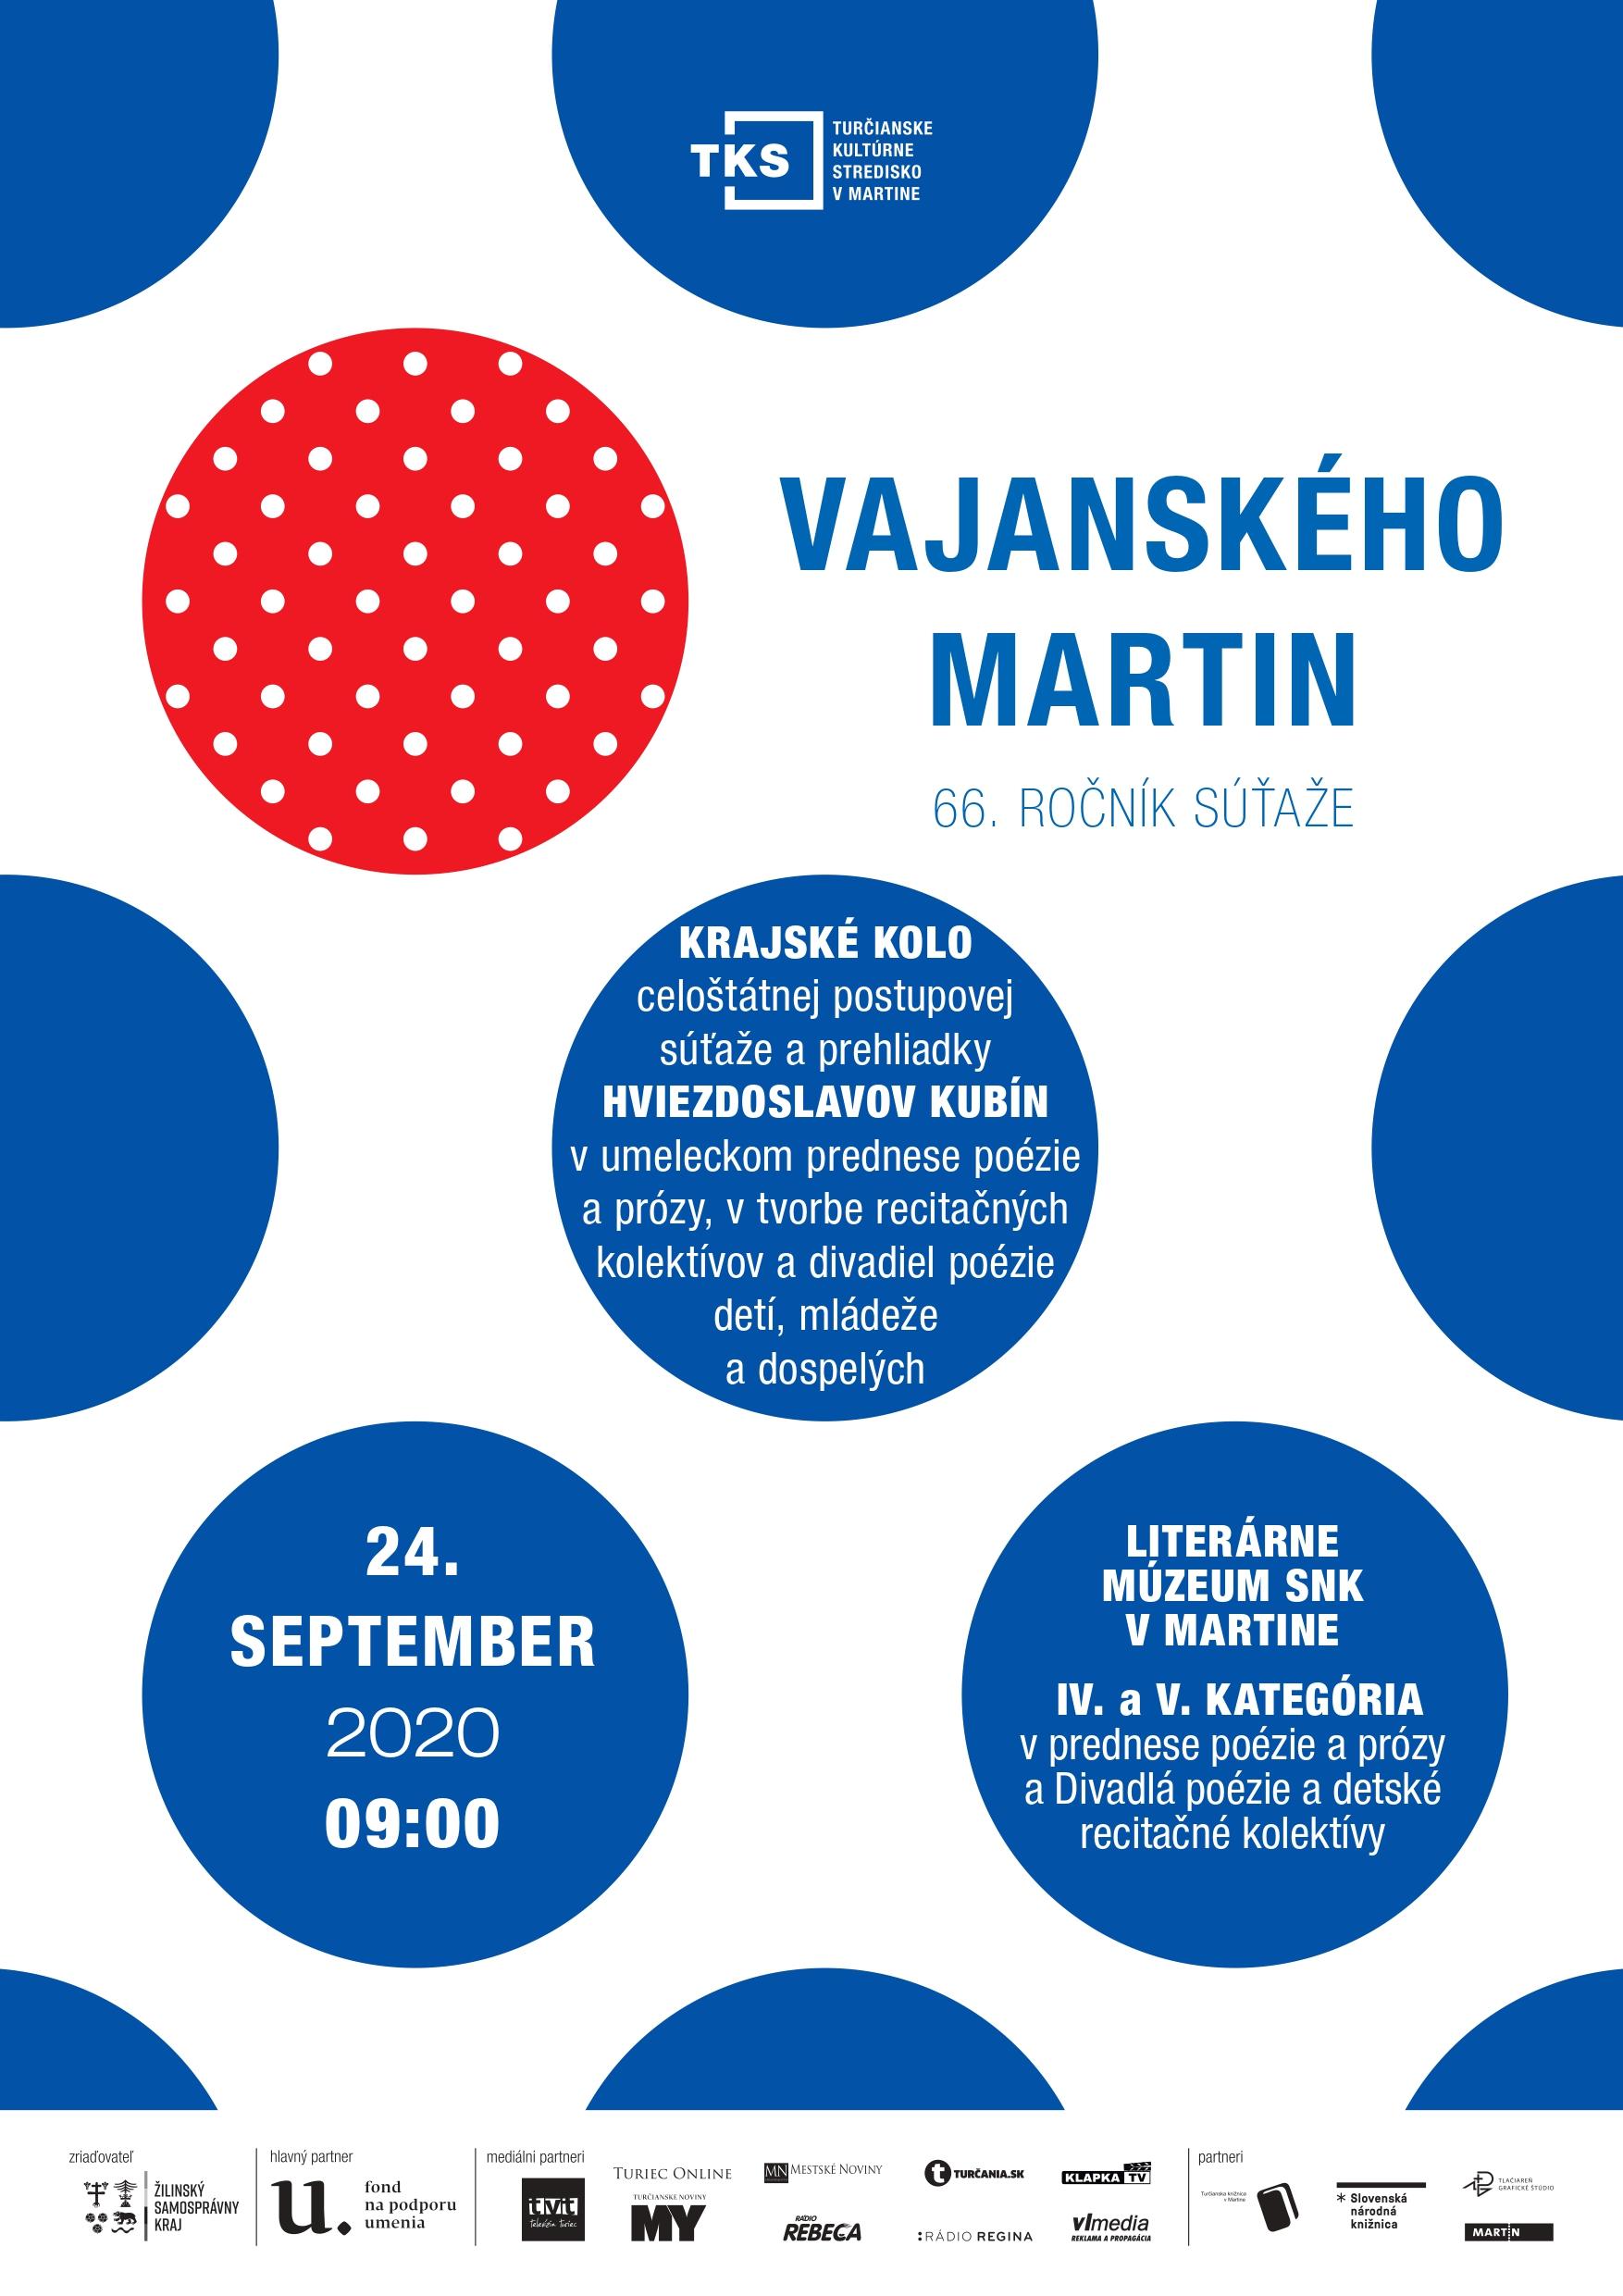 Vajanského Martin 2020 – Krajské kolo